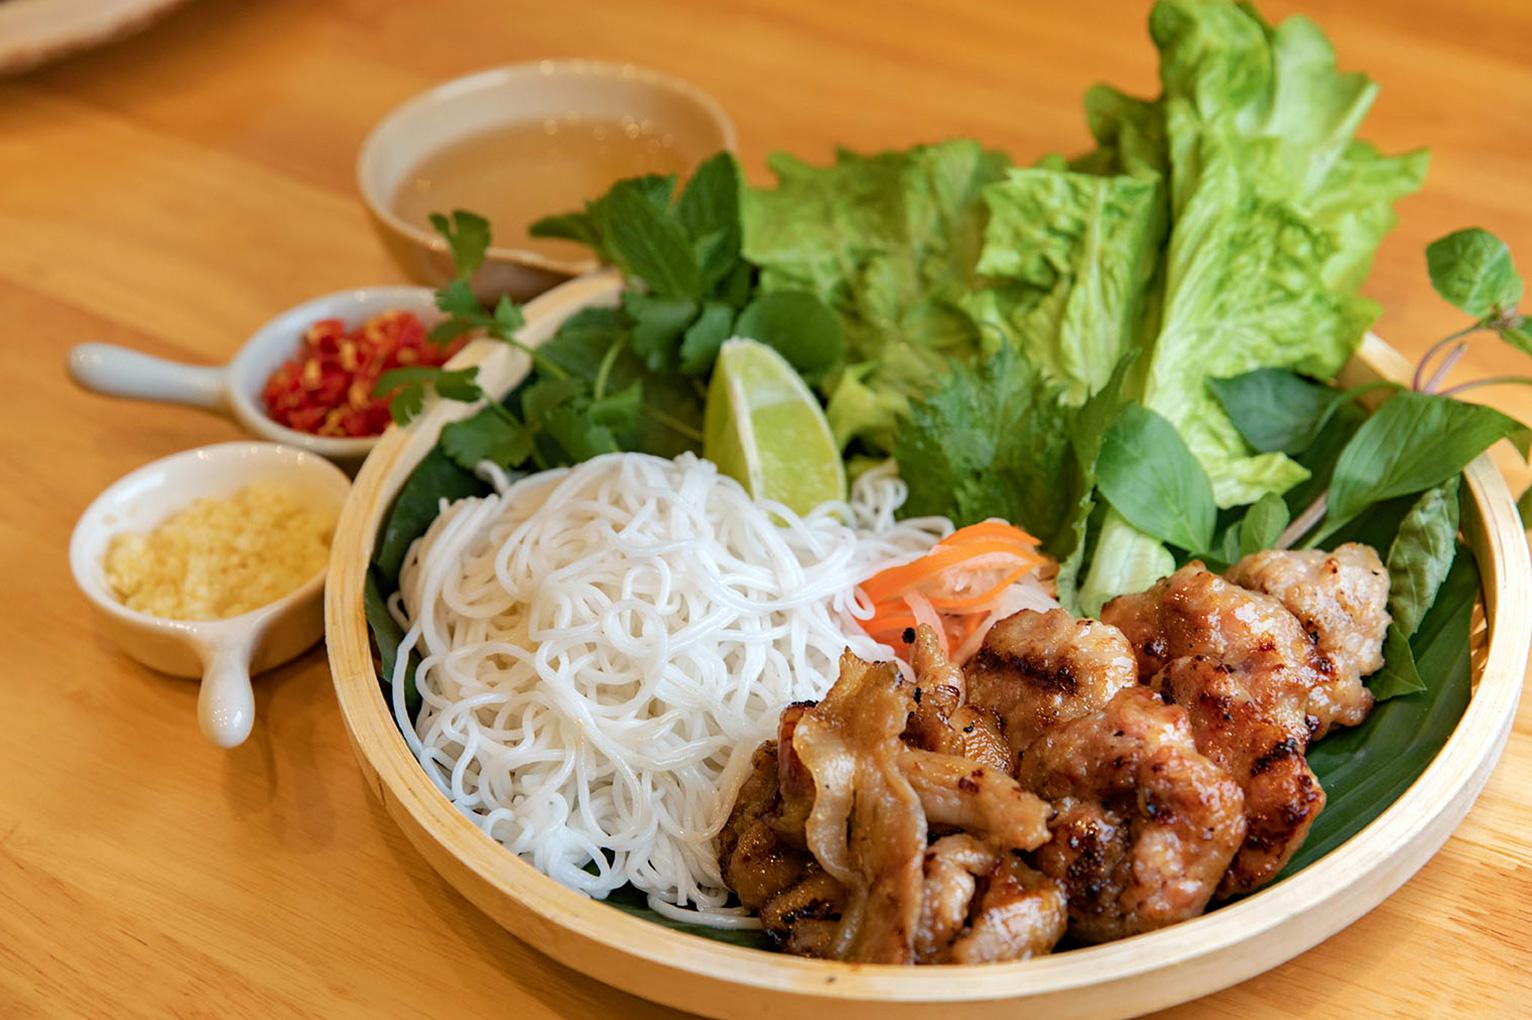 Prix du repas et de la nourriture au Vietnam